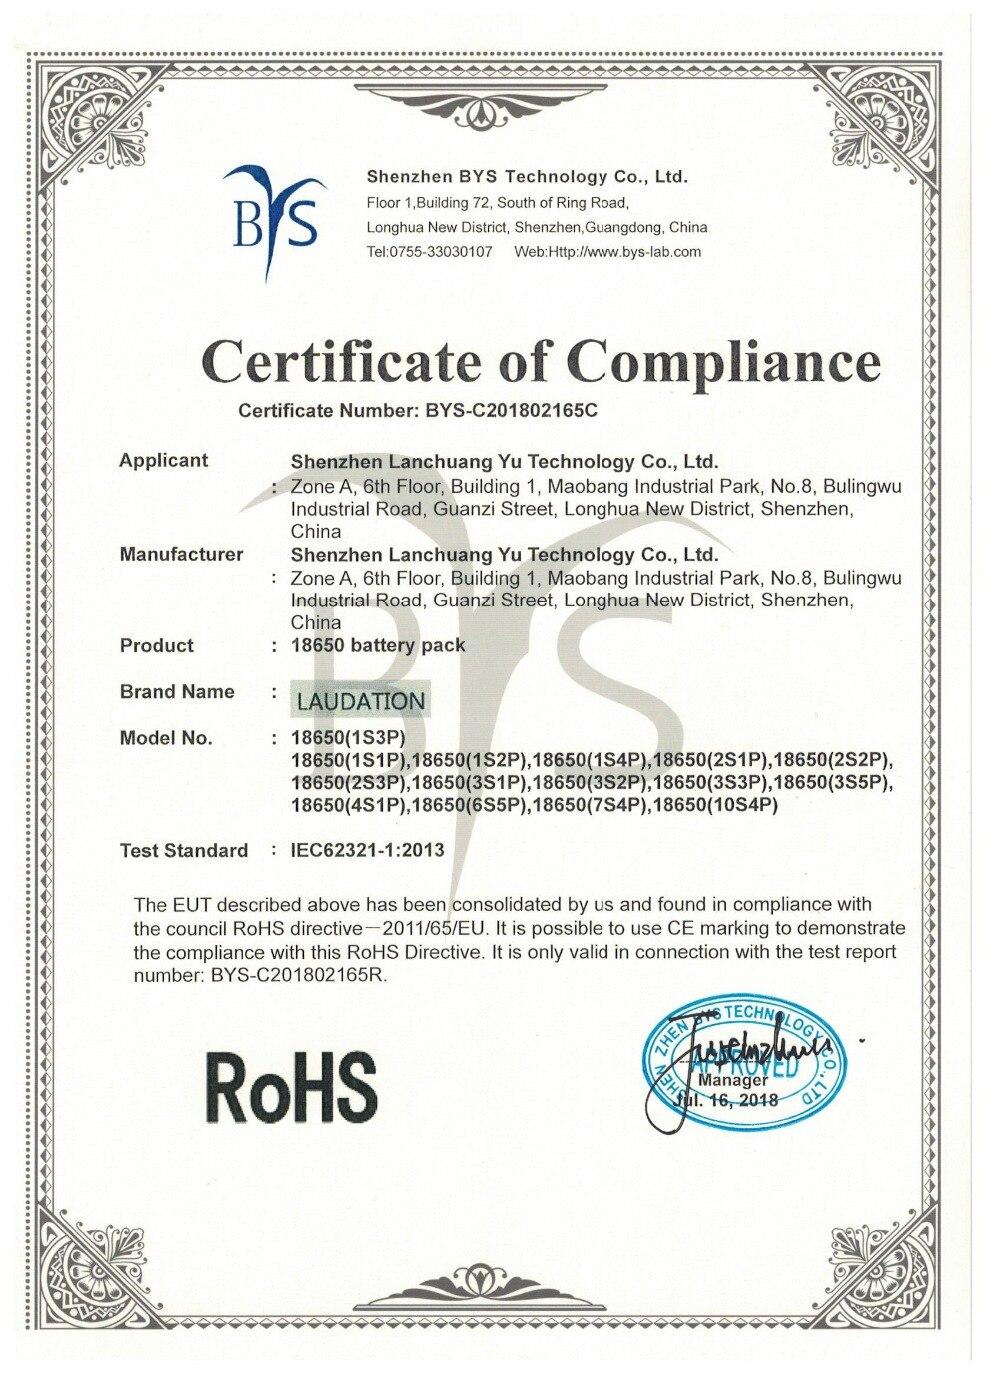 ROHS1 001_